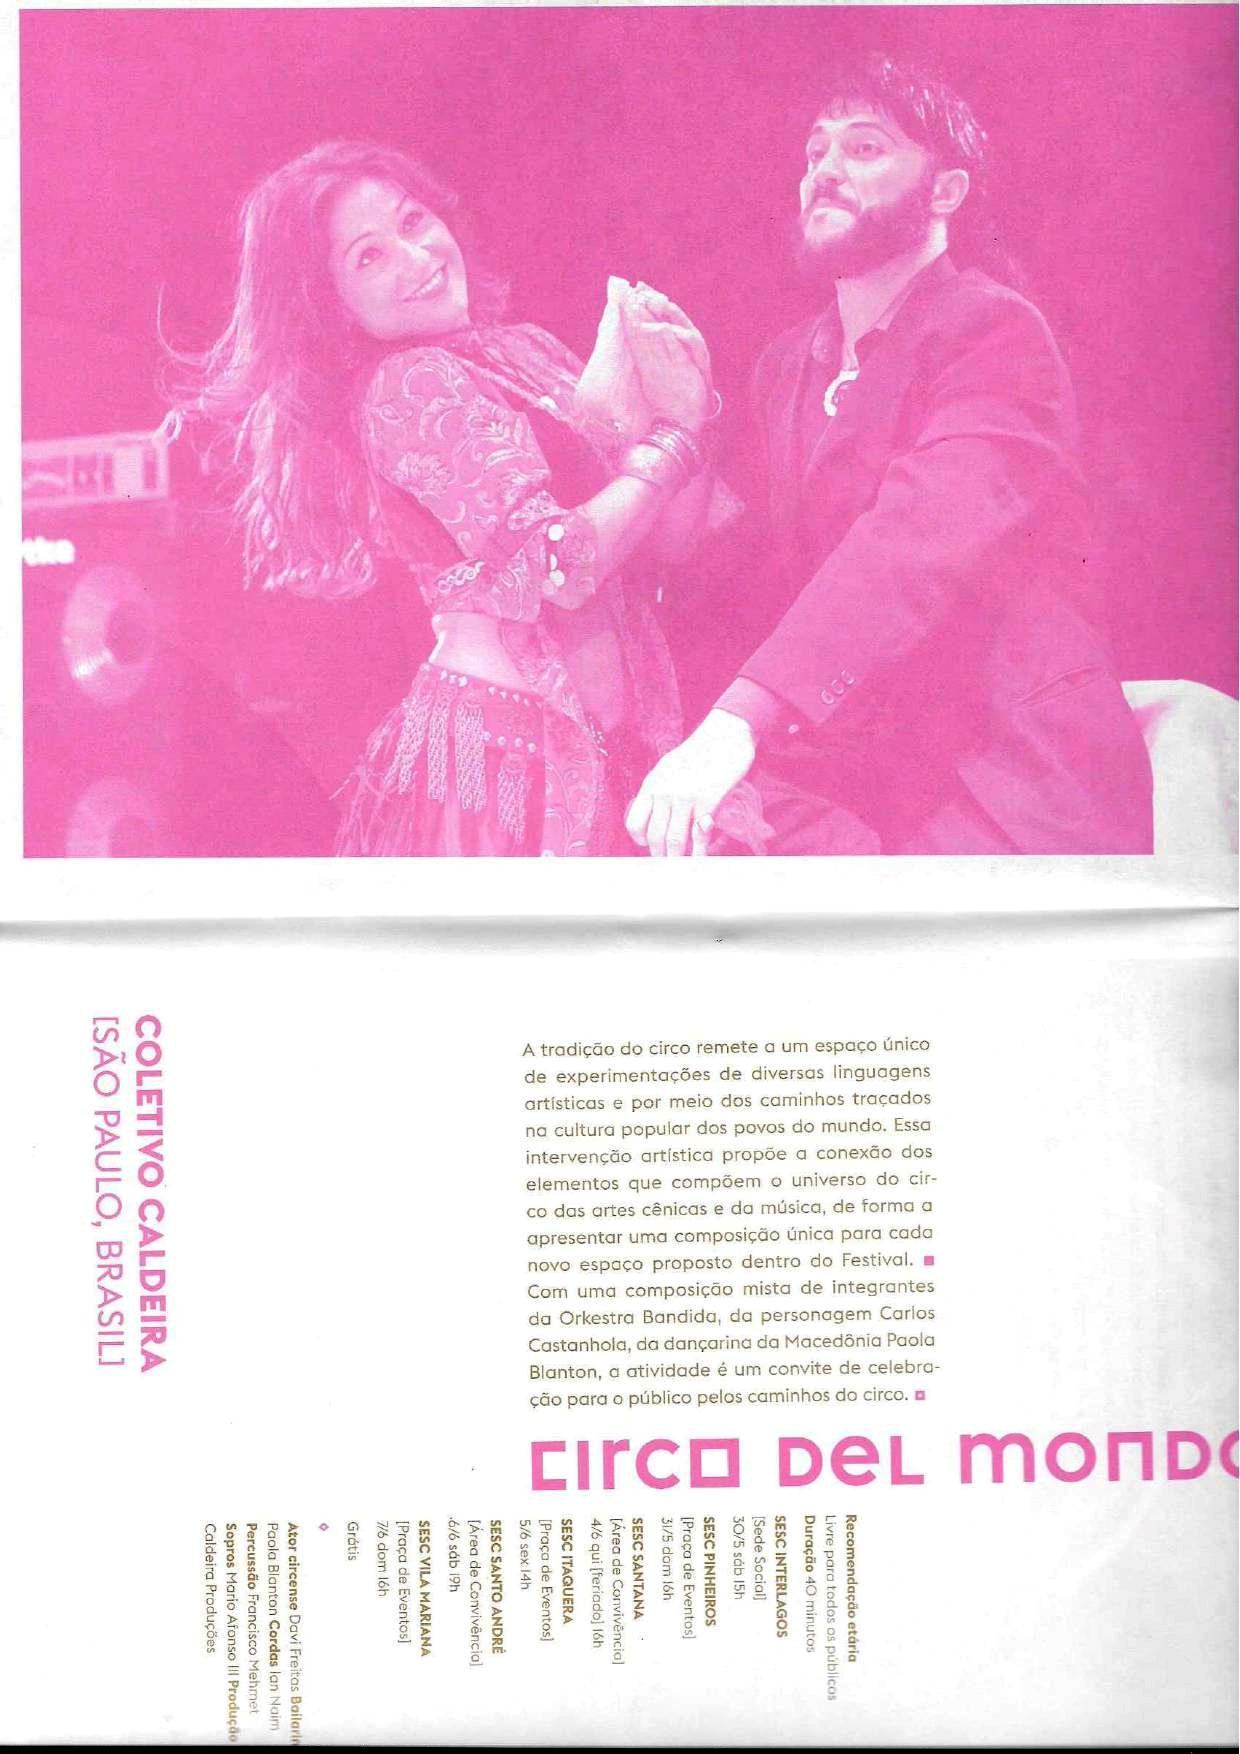 Circo Del Mondo_Festival Internacional Sesc de Circo